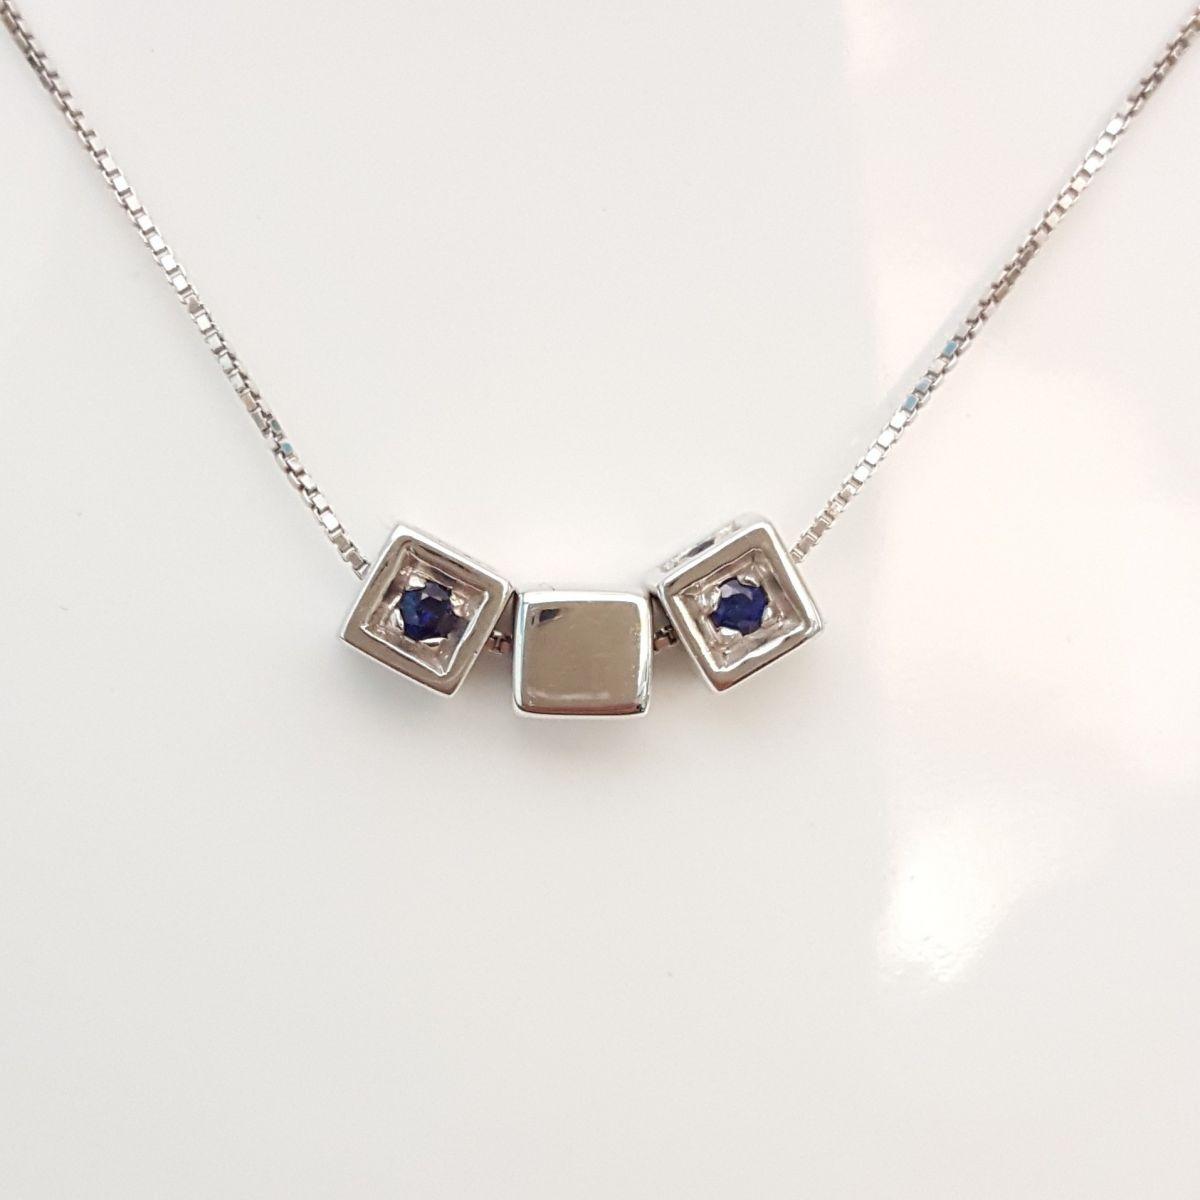 Collana Kiara in Oro Bianco e Pendente con Zaffiri e Diamanti KCLD538